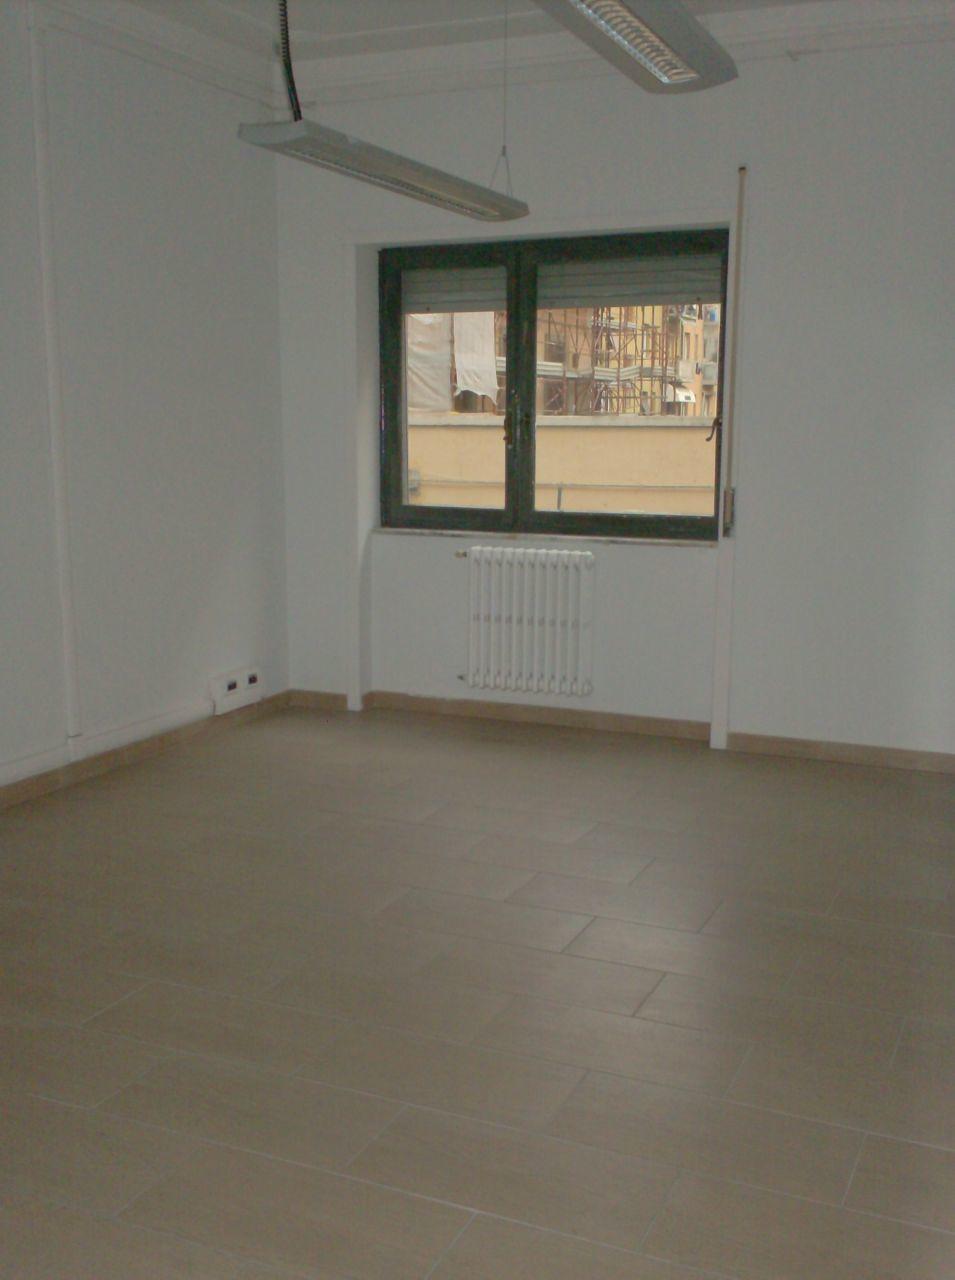 Ufficio / Studio in affitto a Livorno, 4 locali, prezzo € 1.000 | Cambio Casa.it